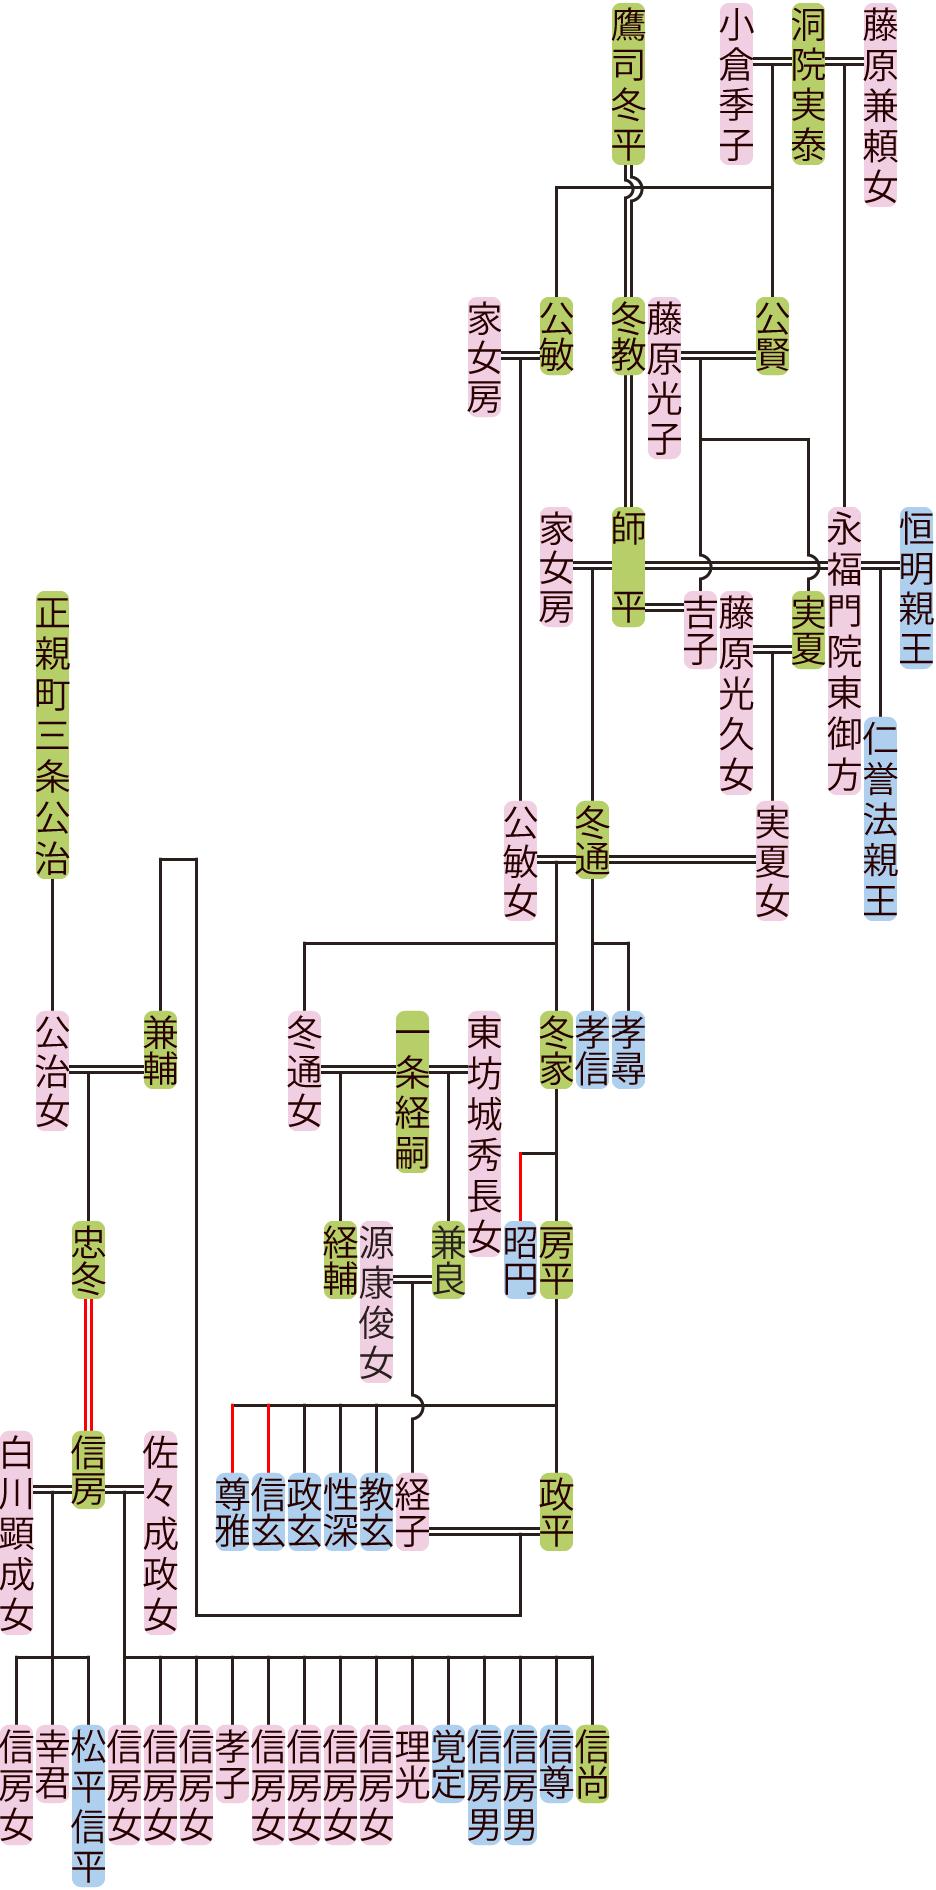 鷹司師平~忠冬の系図